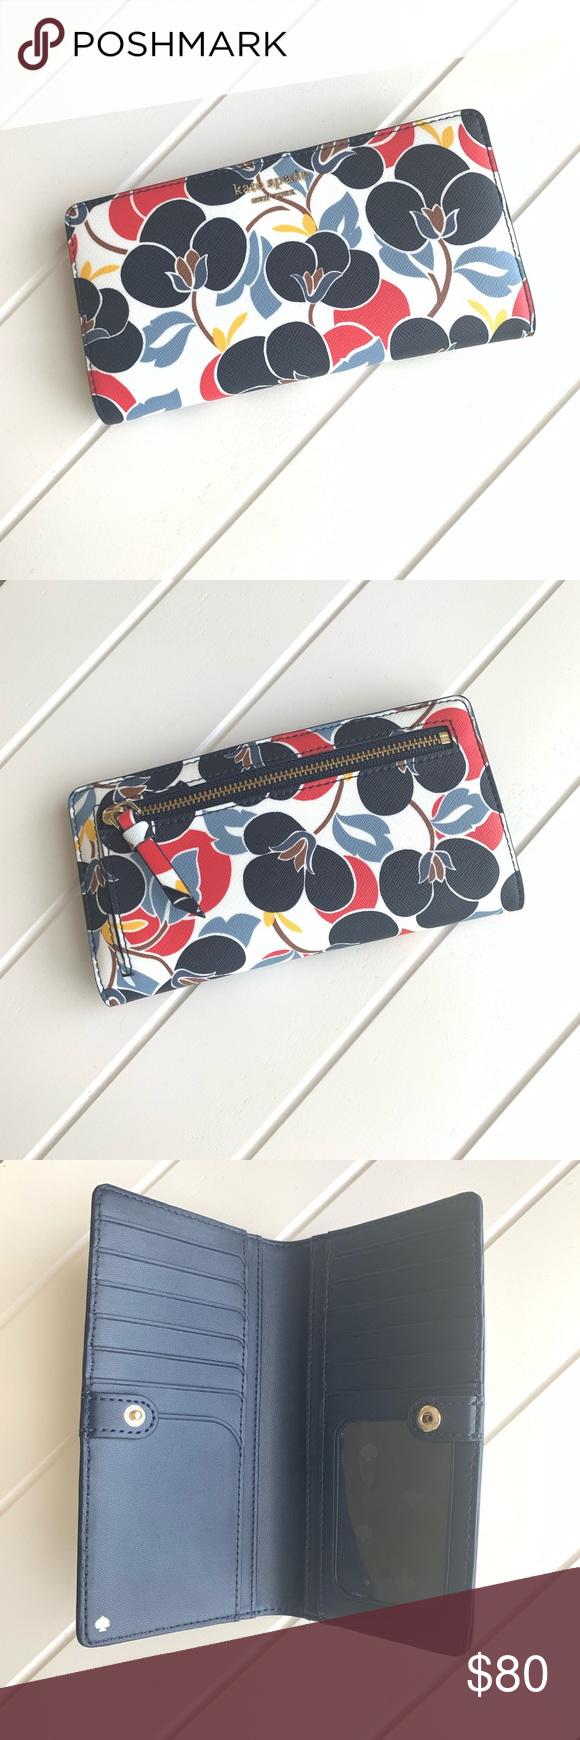 Kate Spade Cameron Breezy Floral Wallet Eine mehrfarbige, große, schlanke Brieftasche …   – My Posh Closet